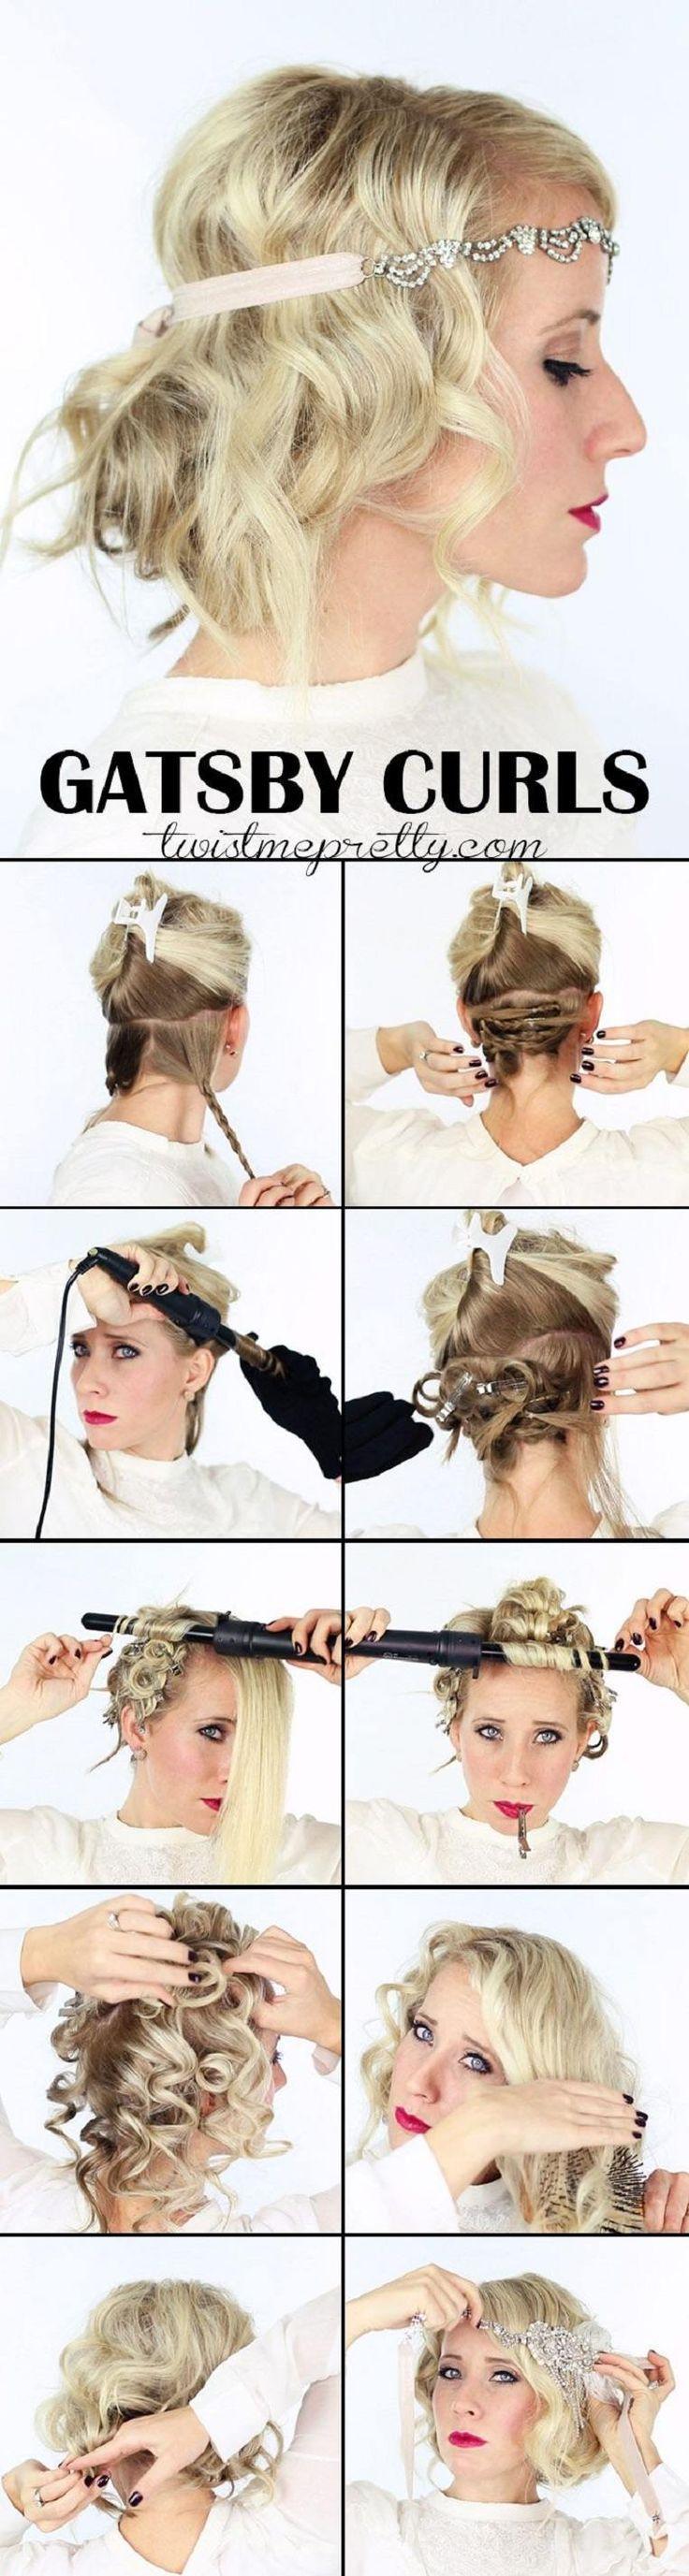 Tutorials: 12 Super Easy DIY Hochzeitsfrisuren - Über Twistmepretty.com # Hochzeitsfrisuren #super #tutorials #twistmepretty